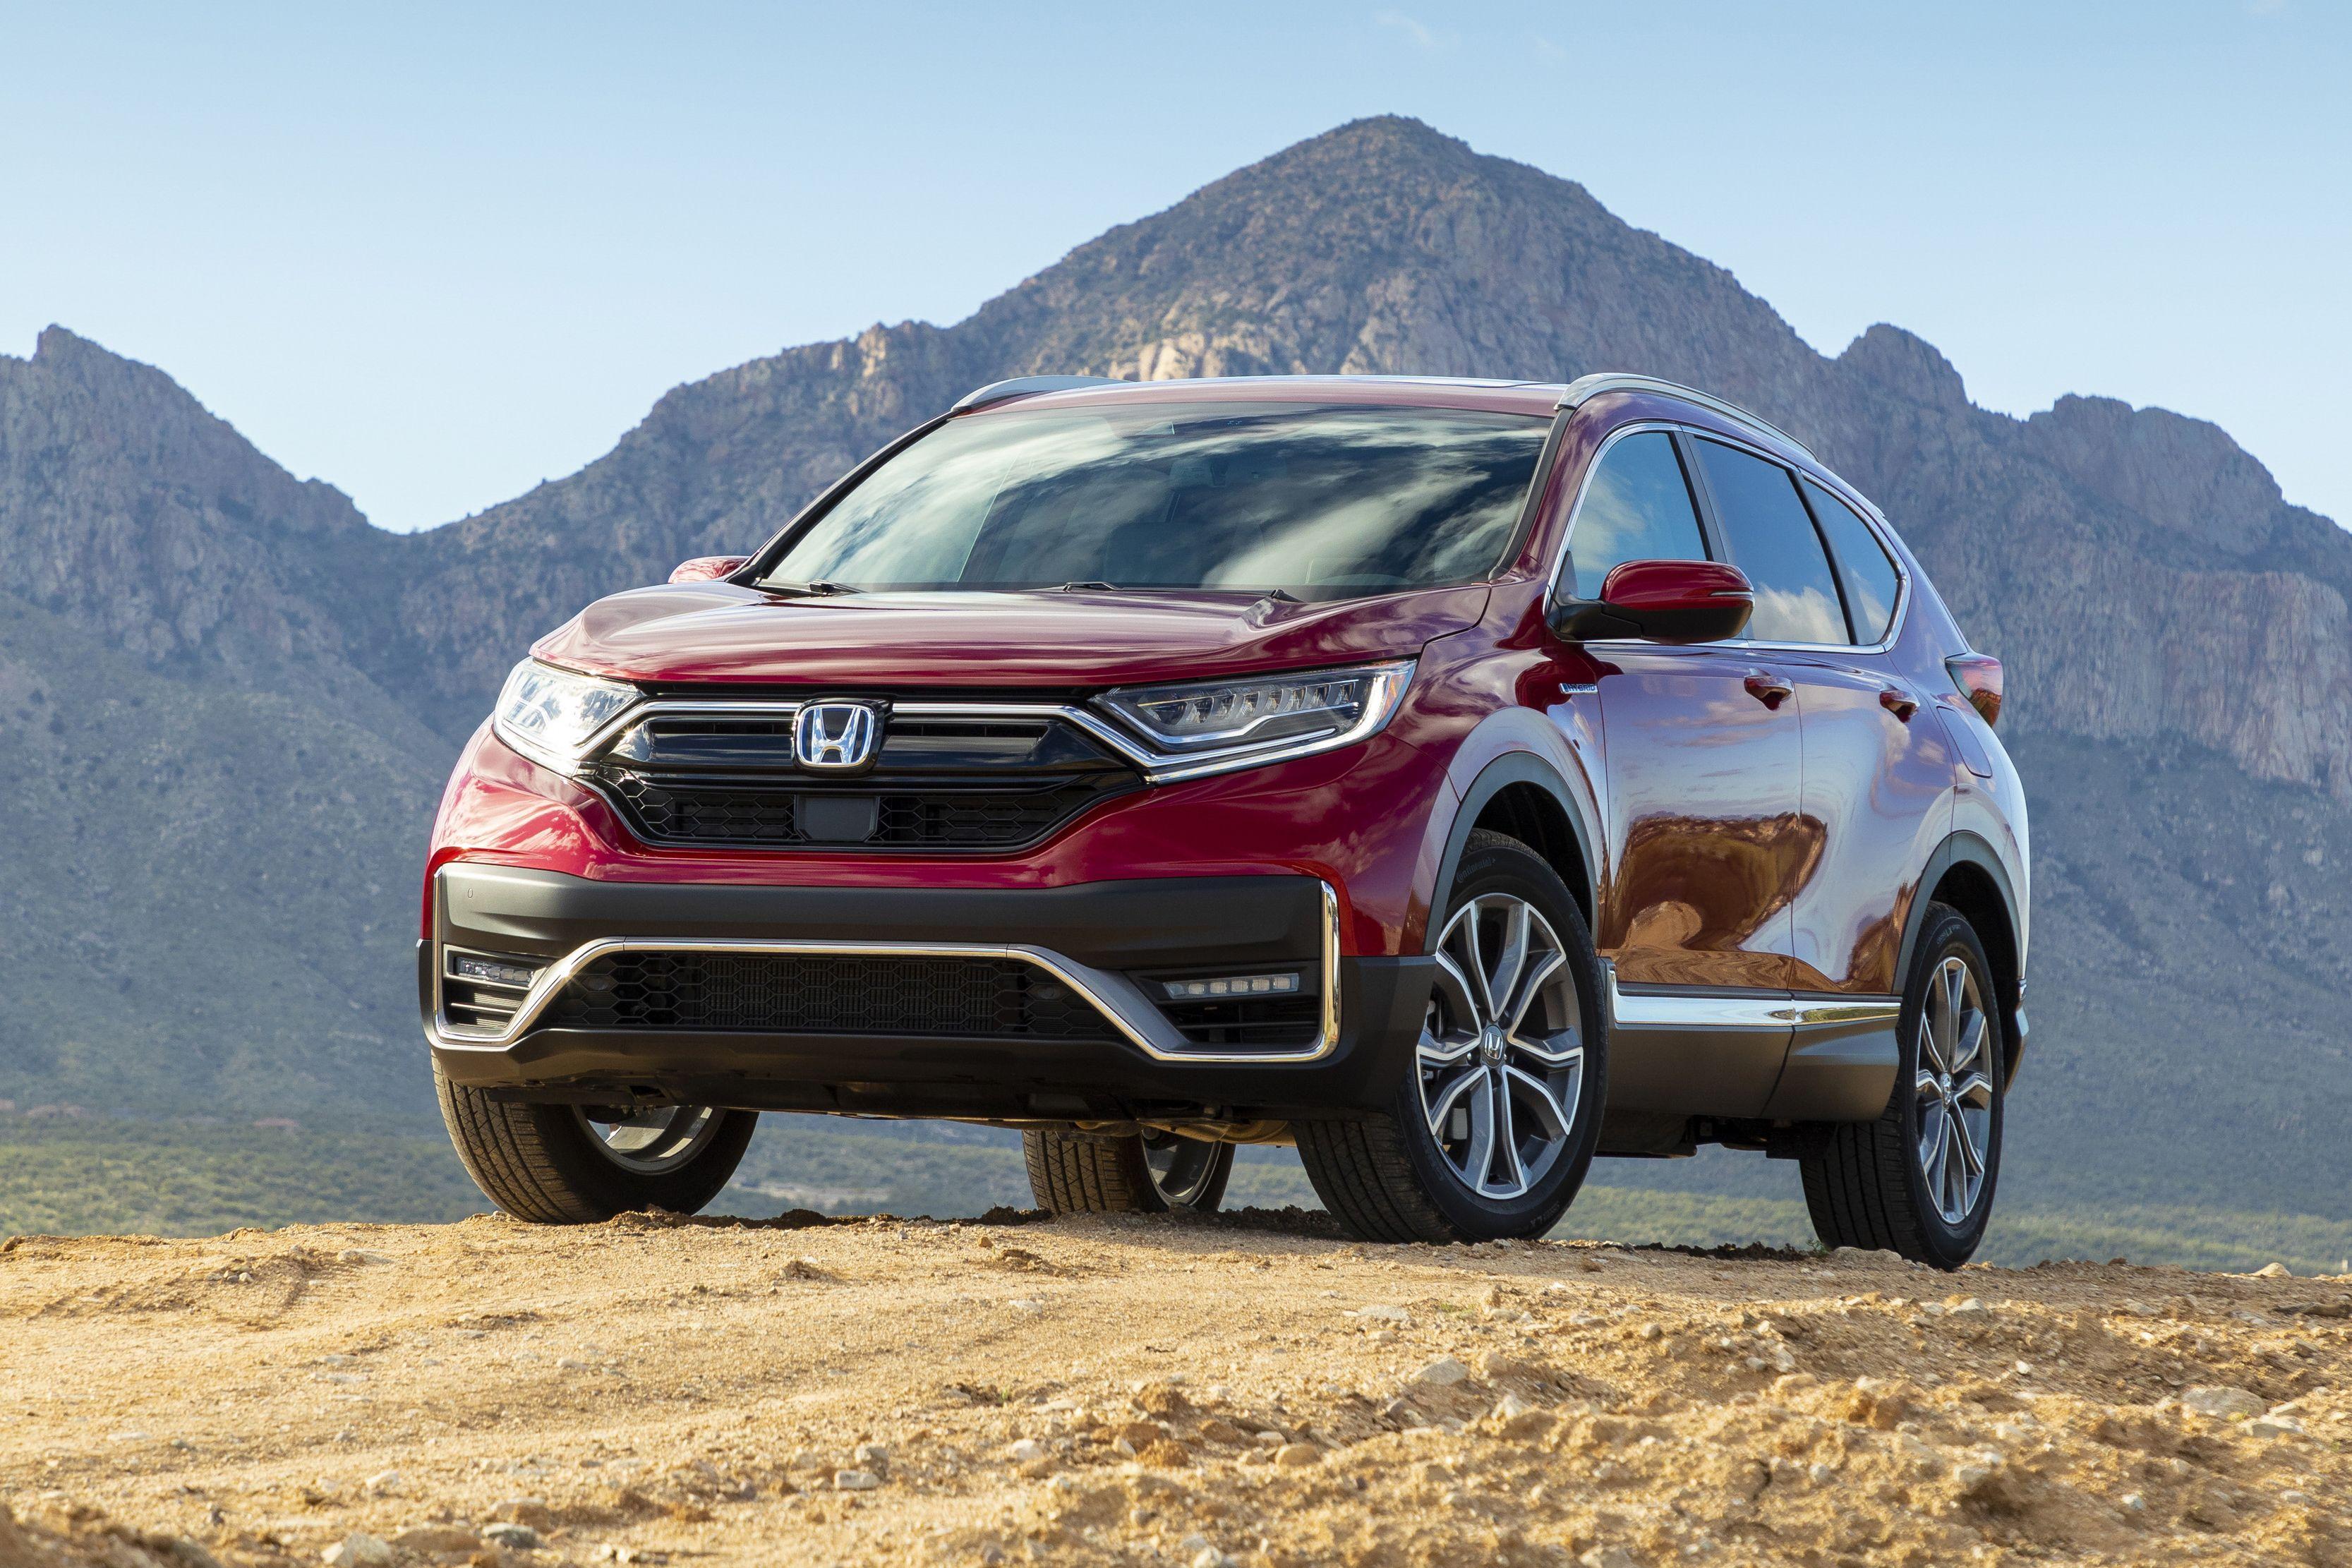 Kekurangan Suv Honda Perbandingan Harga